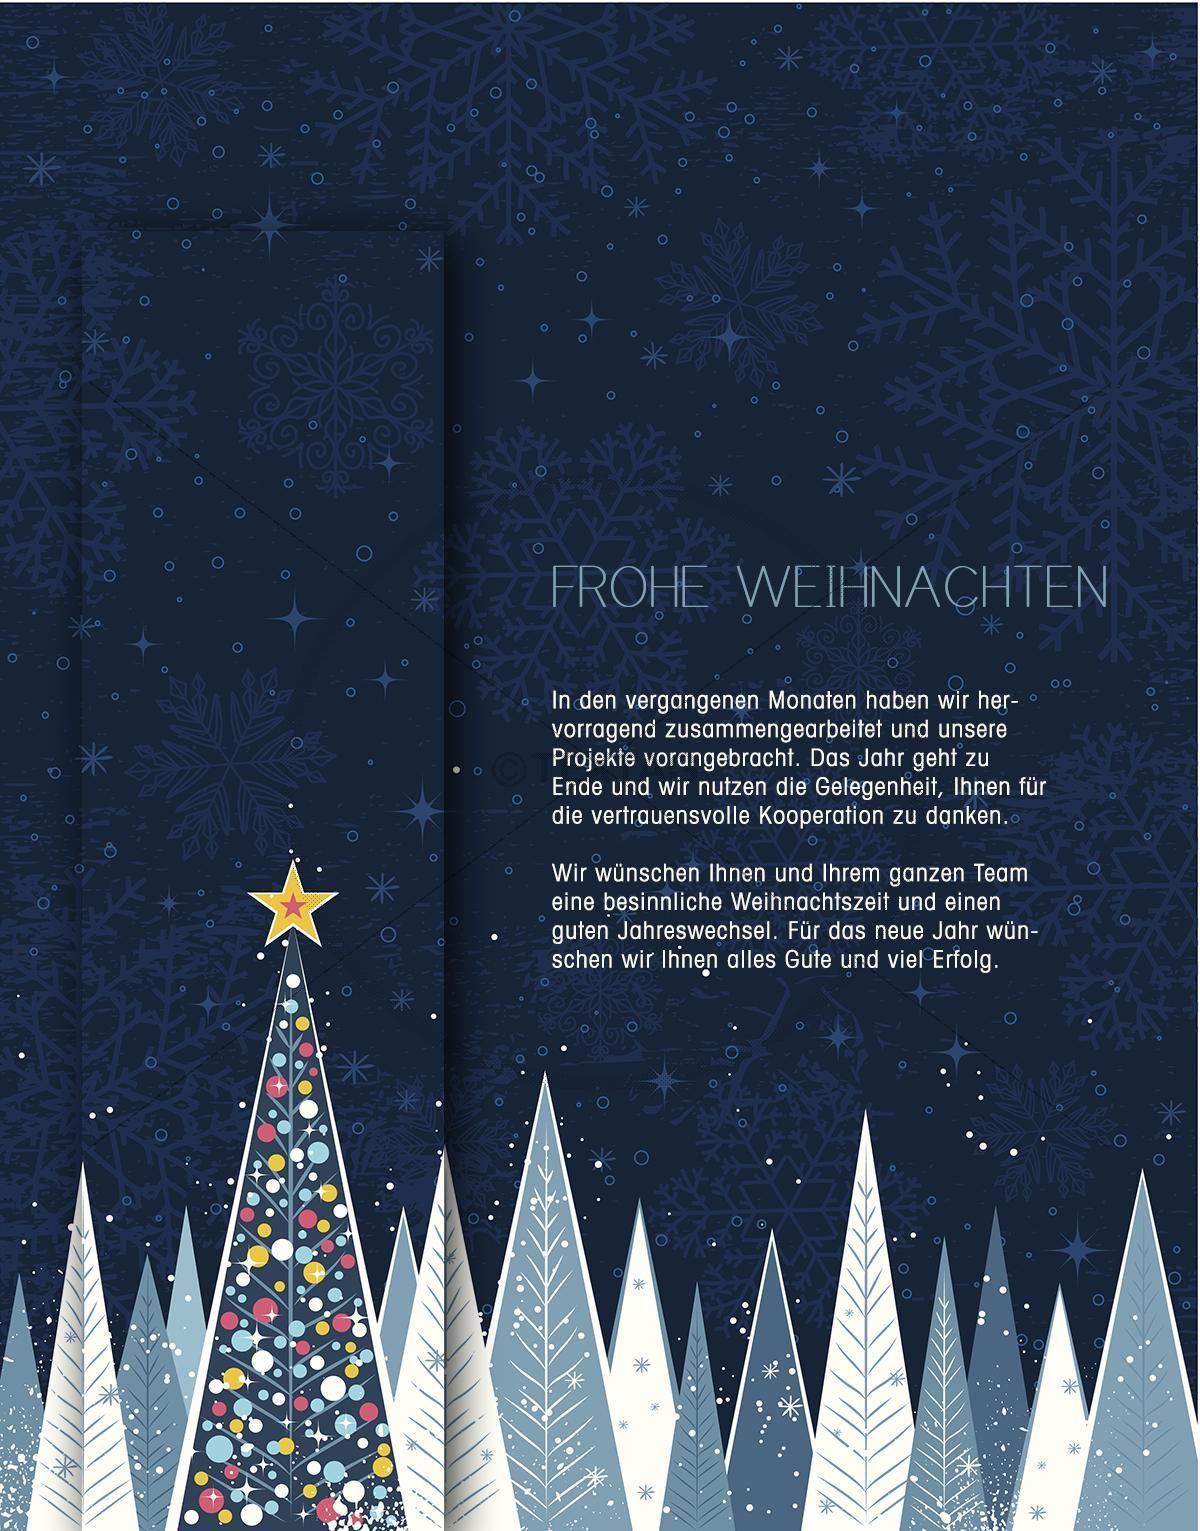 Edle Geschaftliche Weihnachts Ecard Fur Kunden Zum Senden Per Mail Elektronische Weihnachtskarten Grusskarte Weihnachtskarten